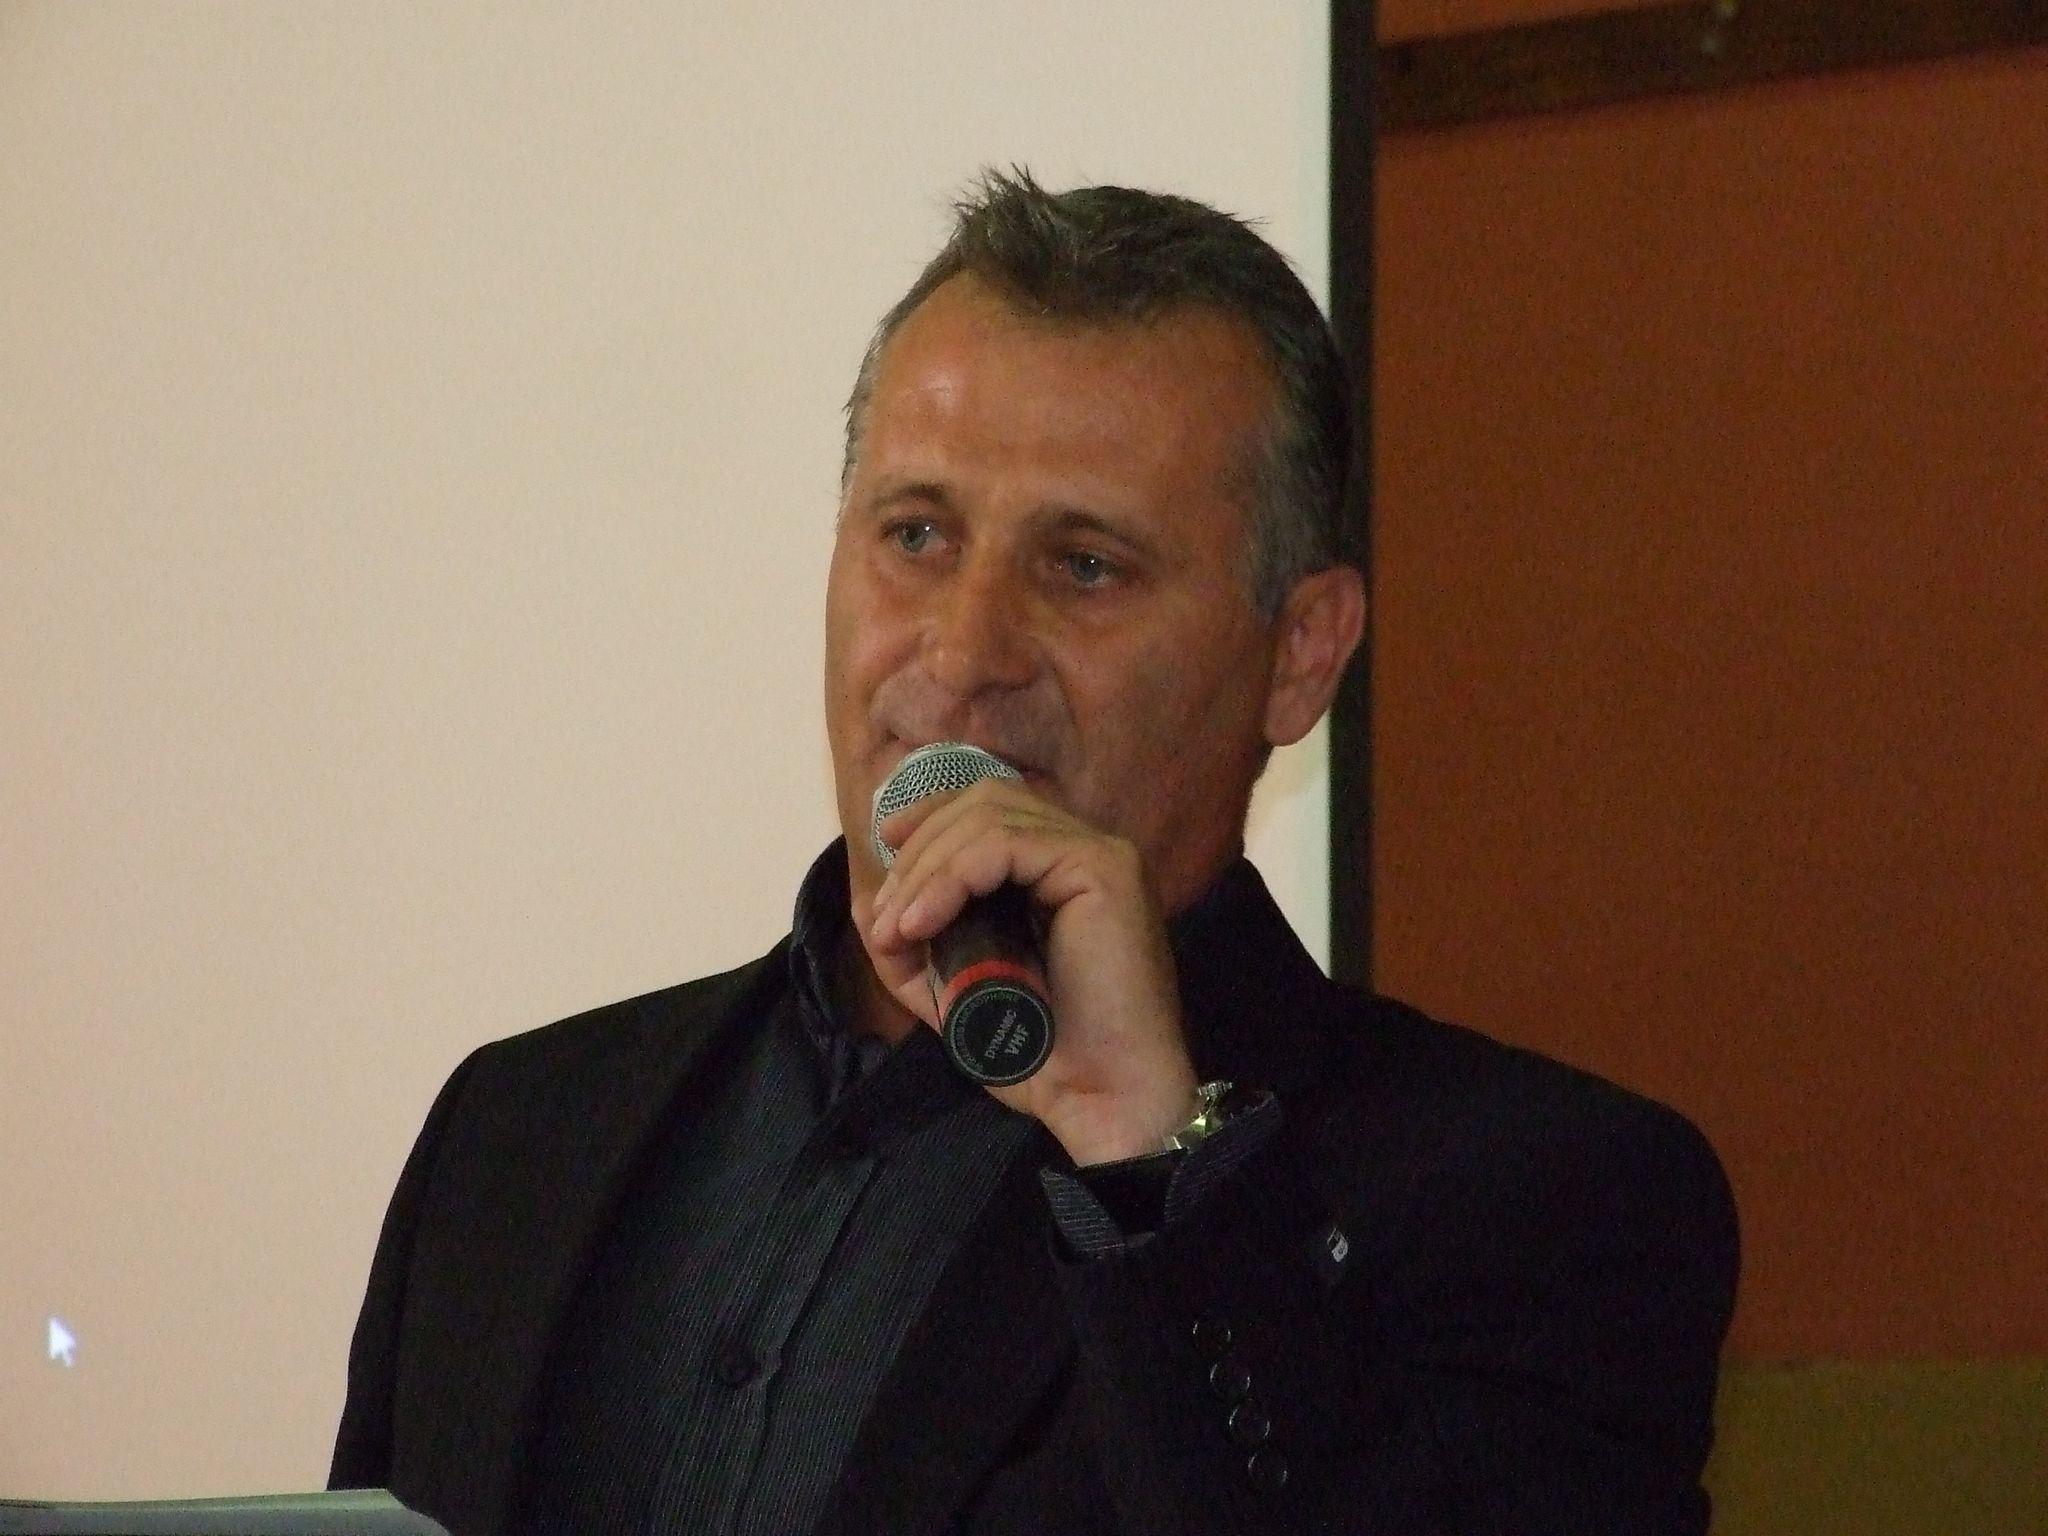 """""""Kövekbe zárt múlt"""" címmel Nagy Attila polgármester tartott előadást"""